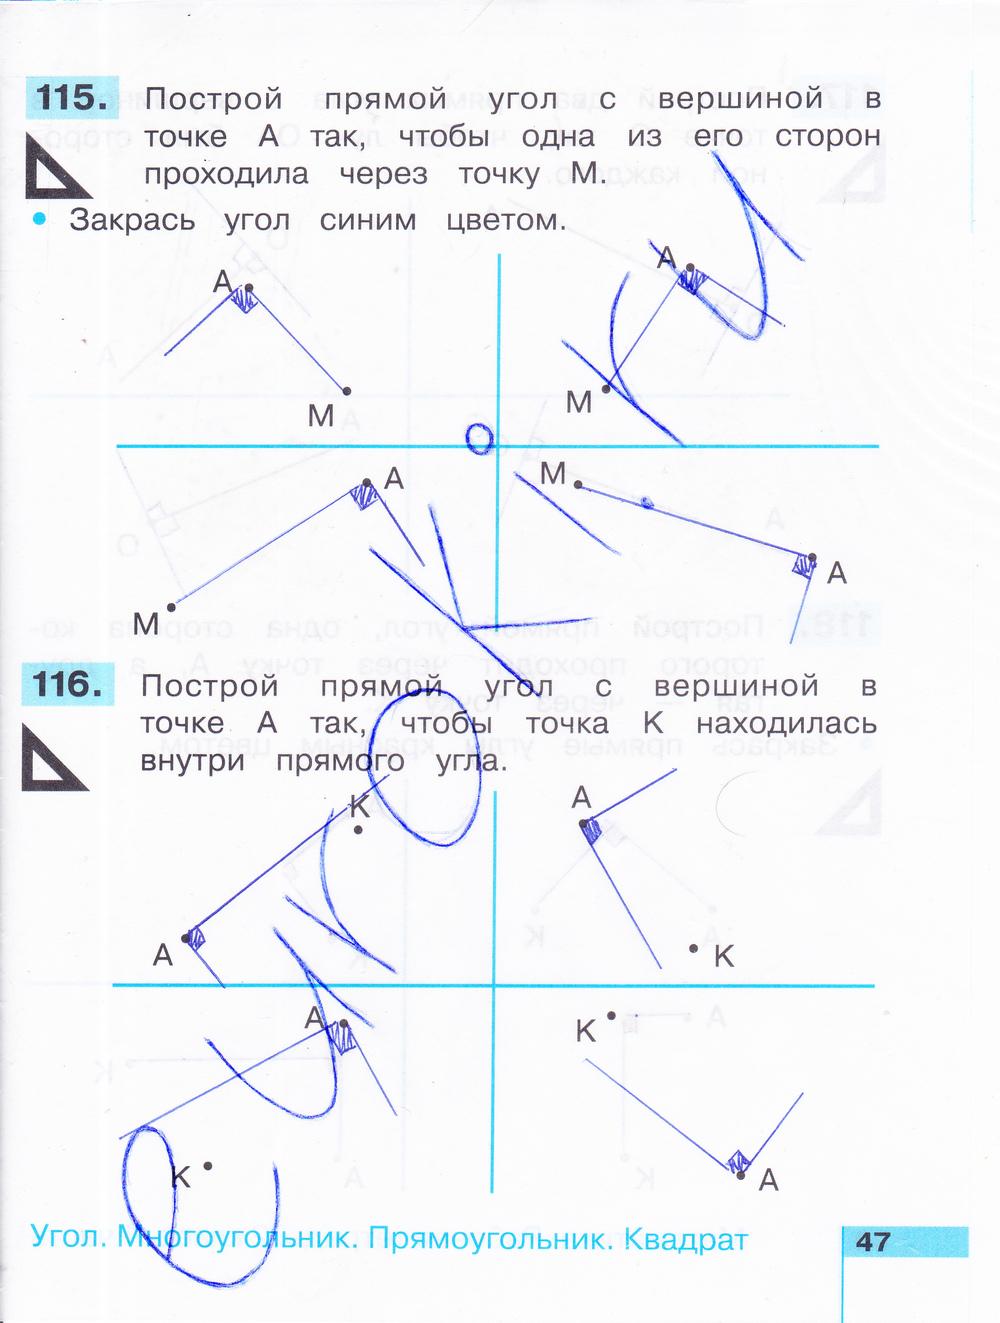 ГДЗ по математике 2 класс рабочая тетрадь Истомина Часть 1, 2. Задание: стр. 47